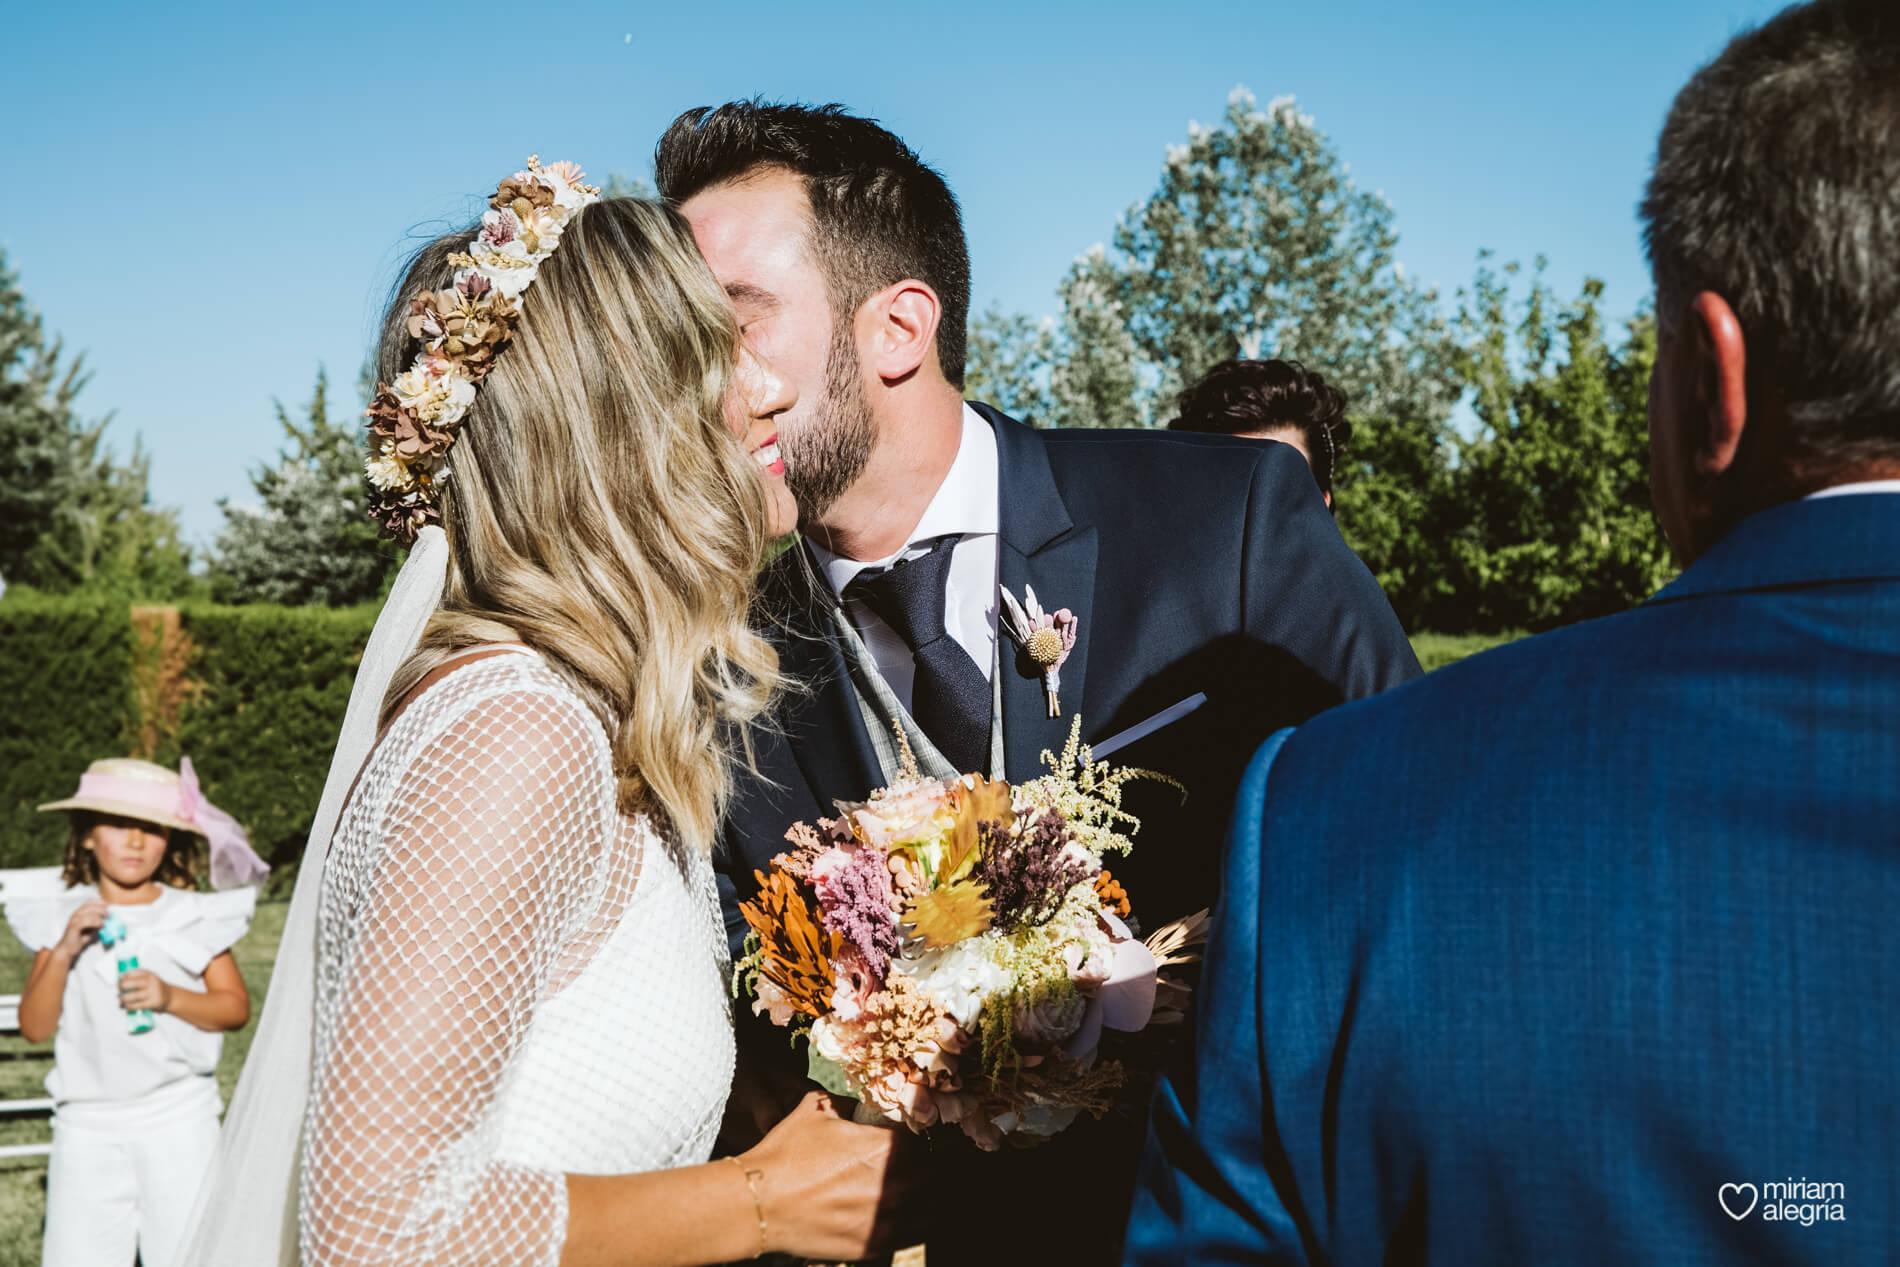 boda-en-collados-miriam-alegria-cayetana-ferrer-43